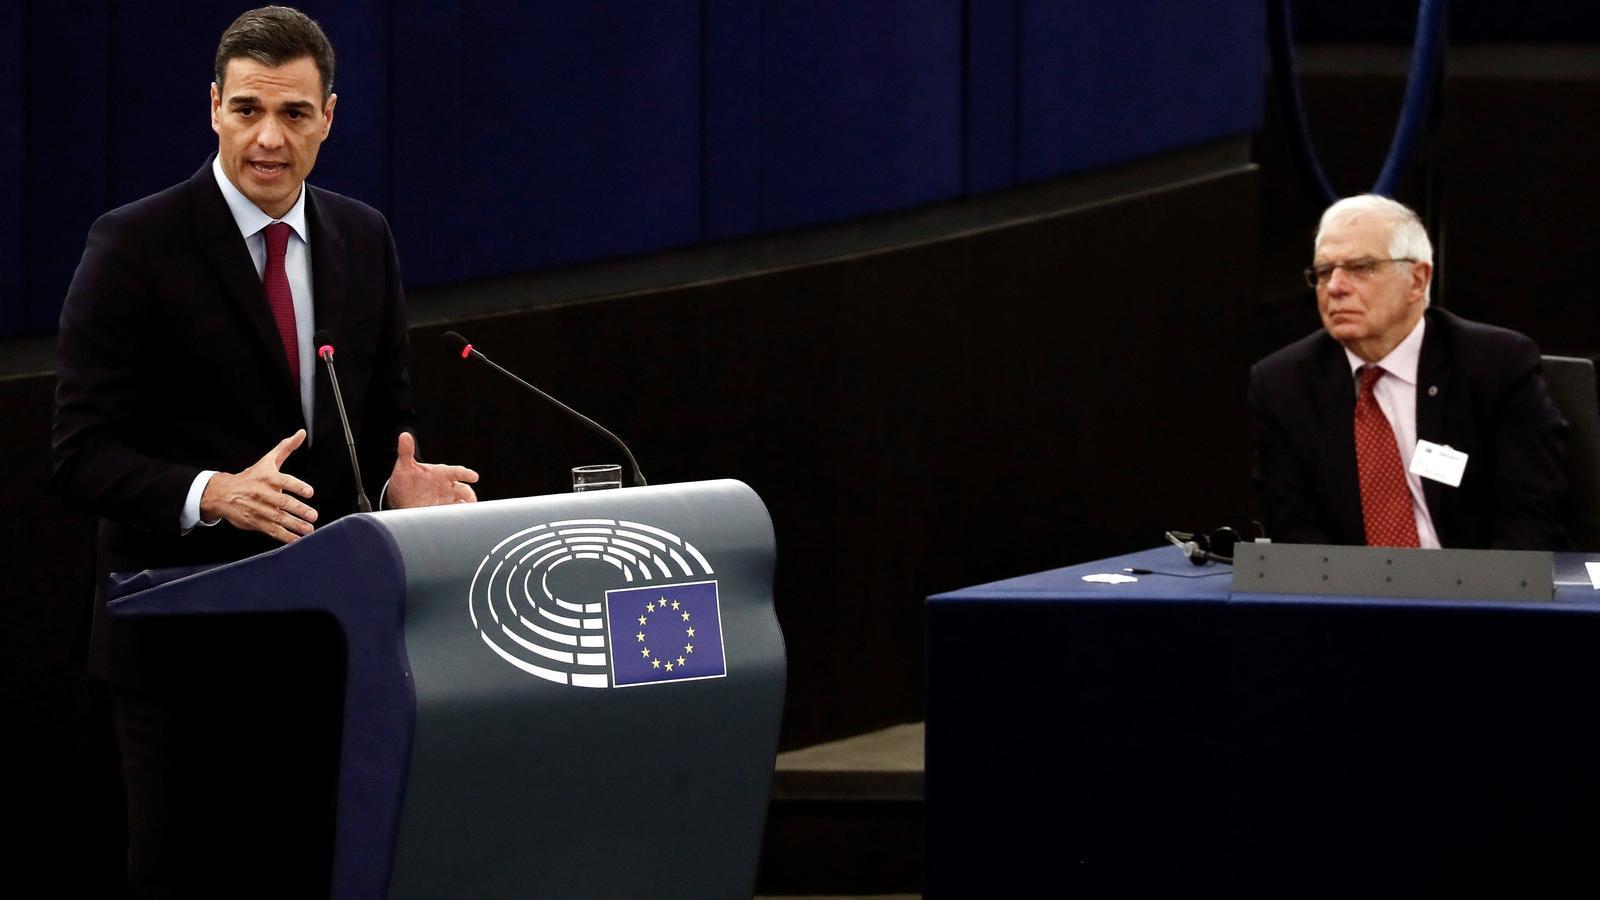 El president del gover espanyol, Pedro Sánchez, amb el minsitre d'Exteriors, Josep Borrell, al ple del Parlament Europeu.